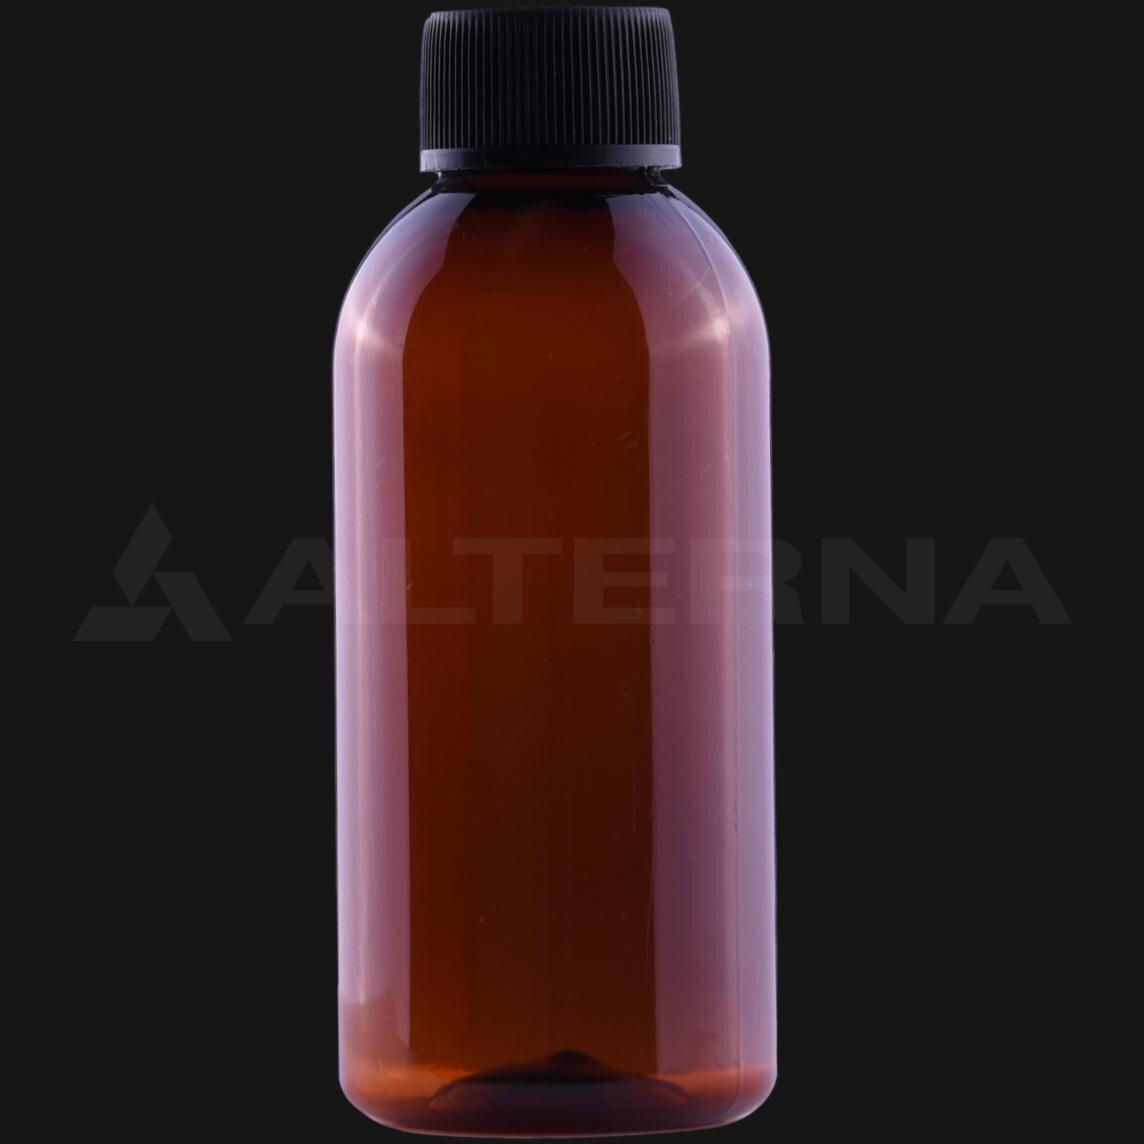 150 ml PET Bottle with 24 mm Foam Seal Cap